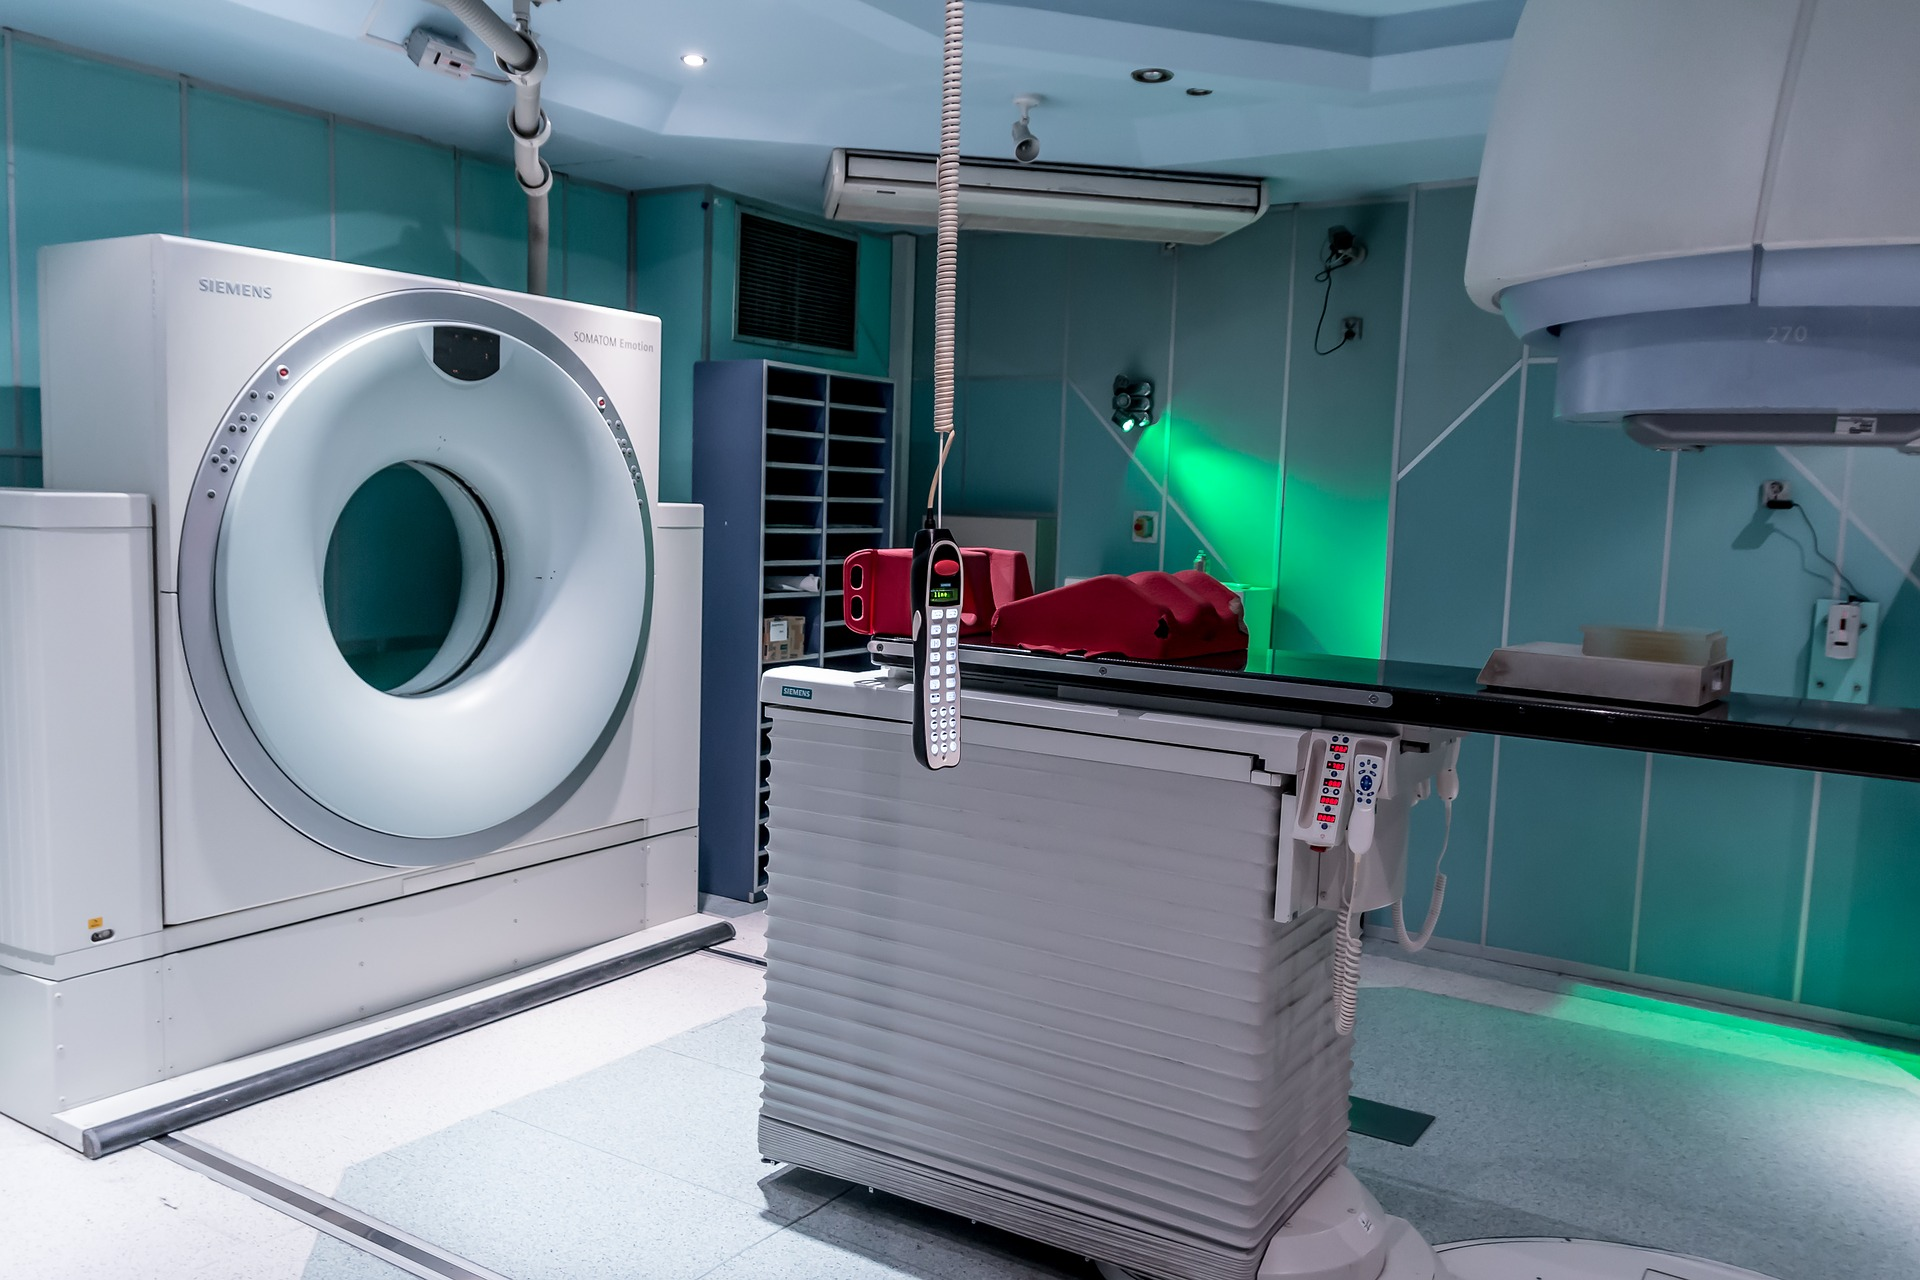 MRI machine